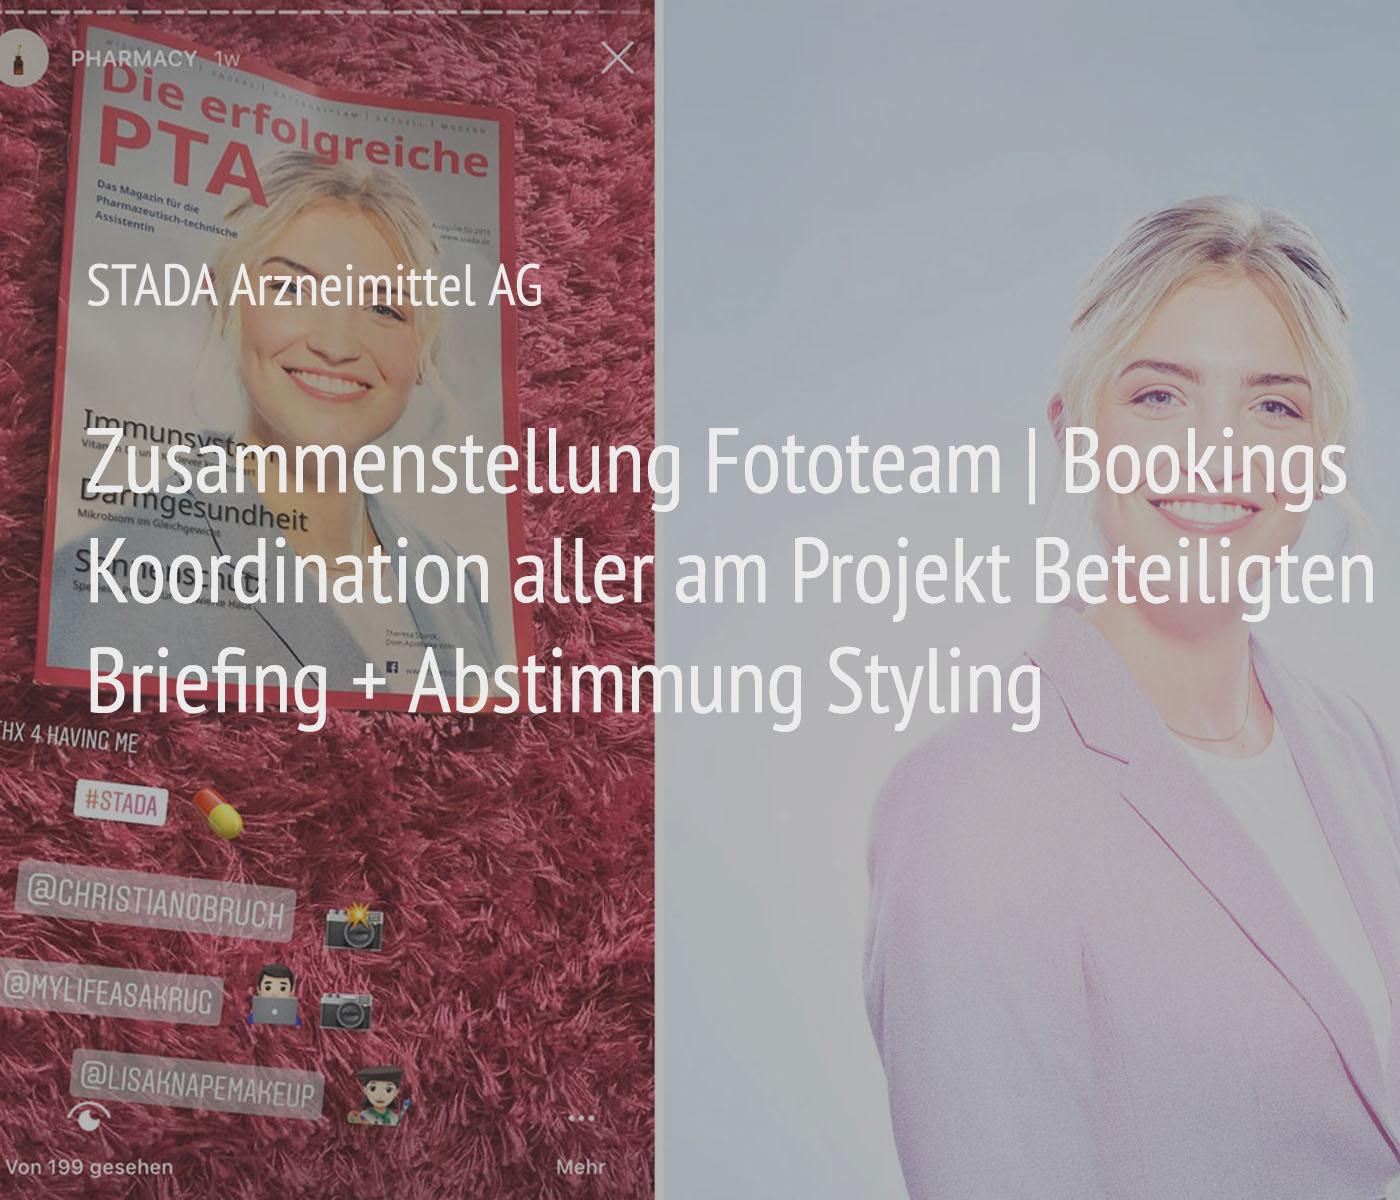 Portraitotografie + Management + Organisation für das Projekt STADA Arzneimittel AG